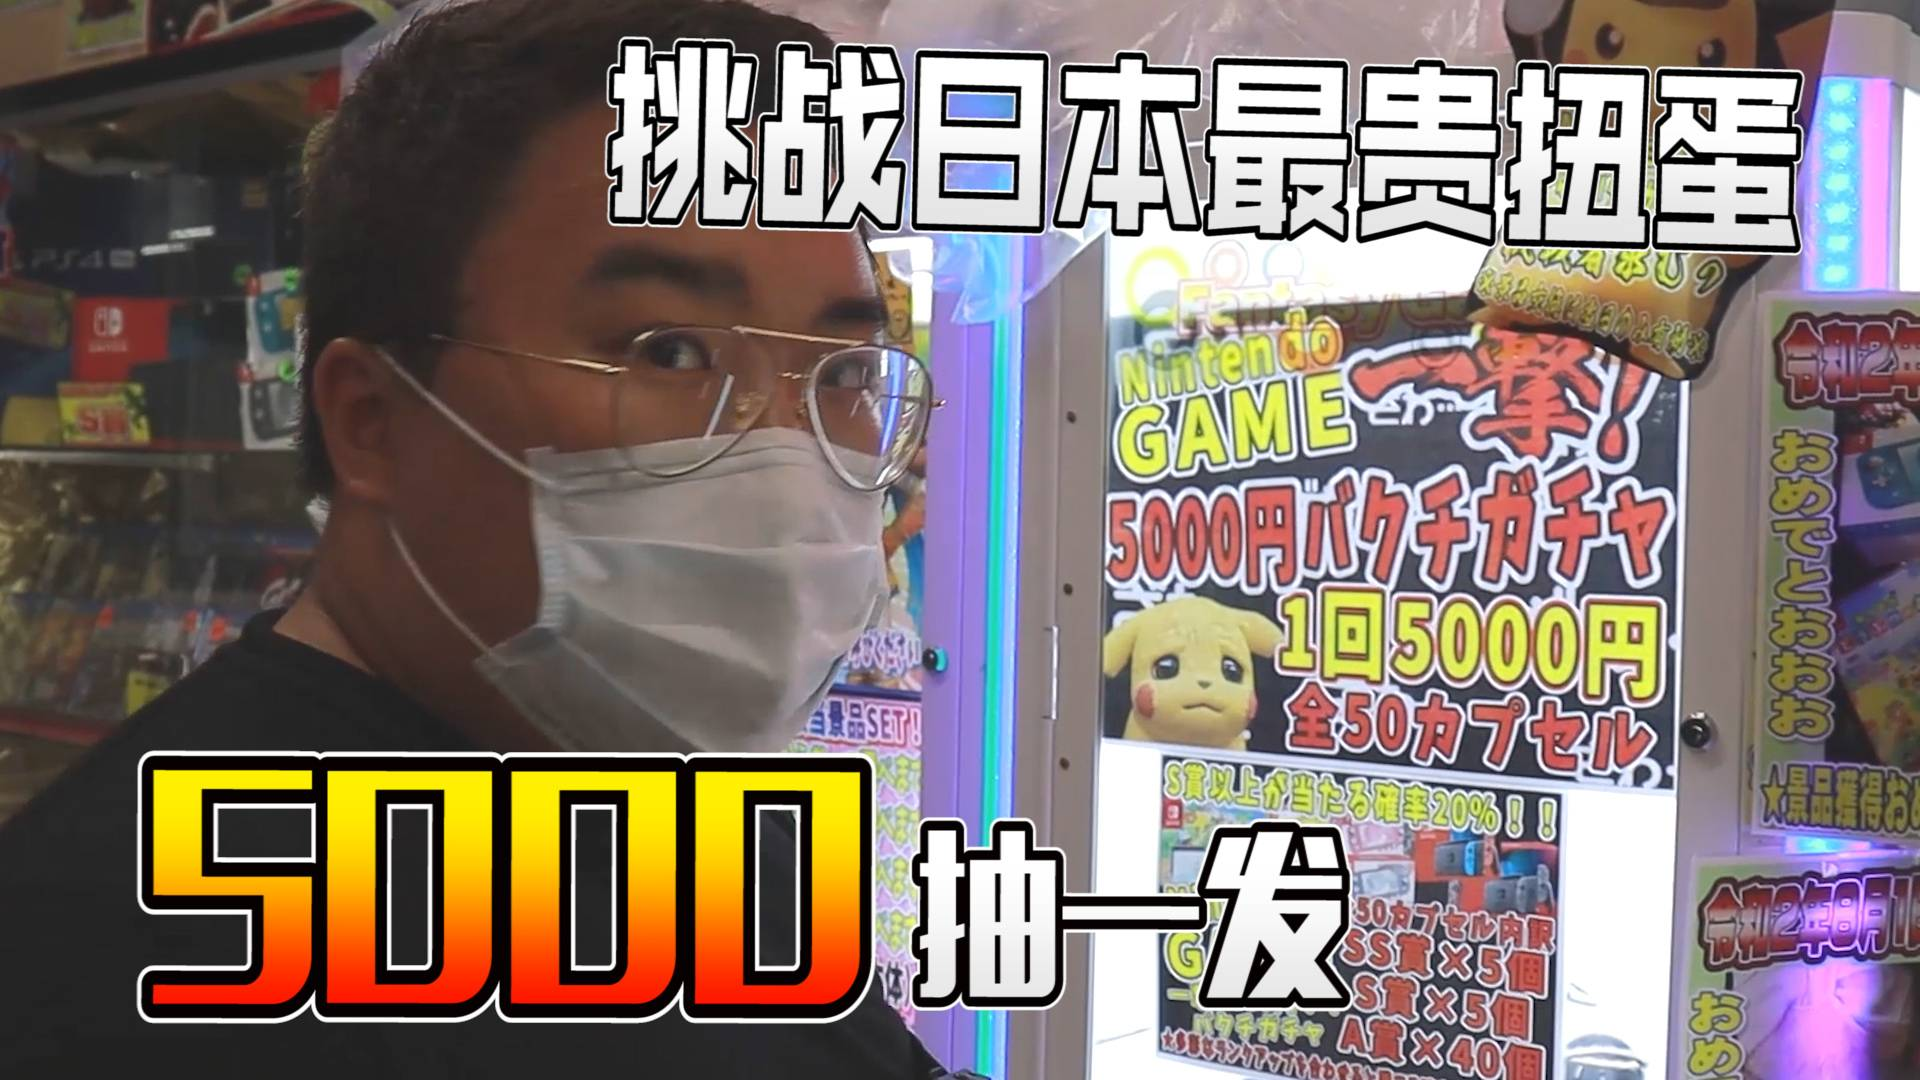 日本最贵扭蛋机5000一次!一发中大奖?